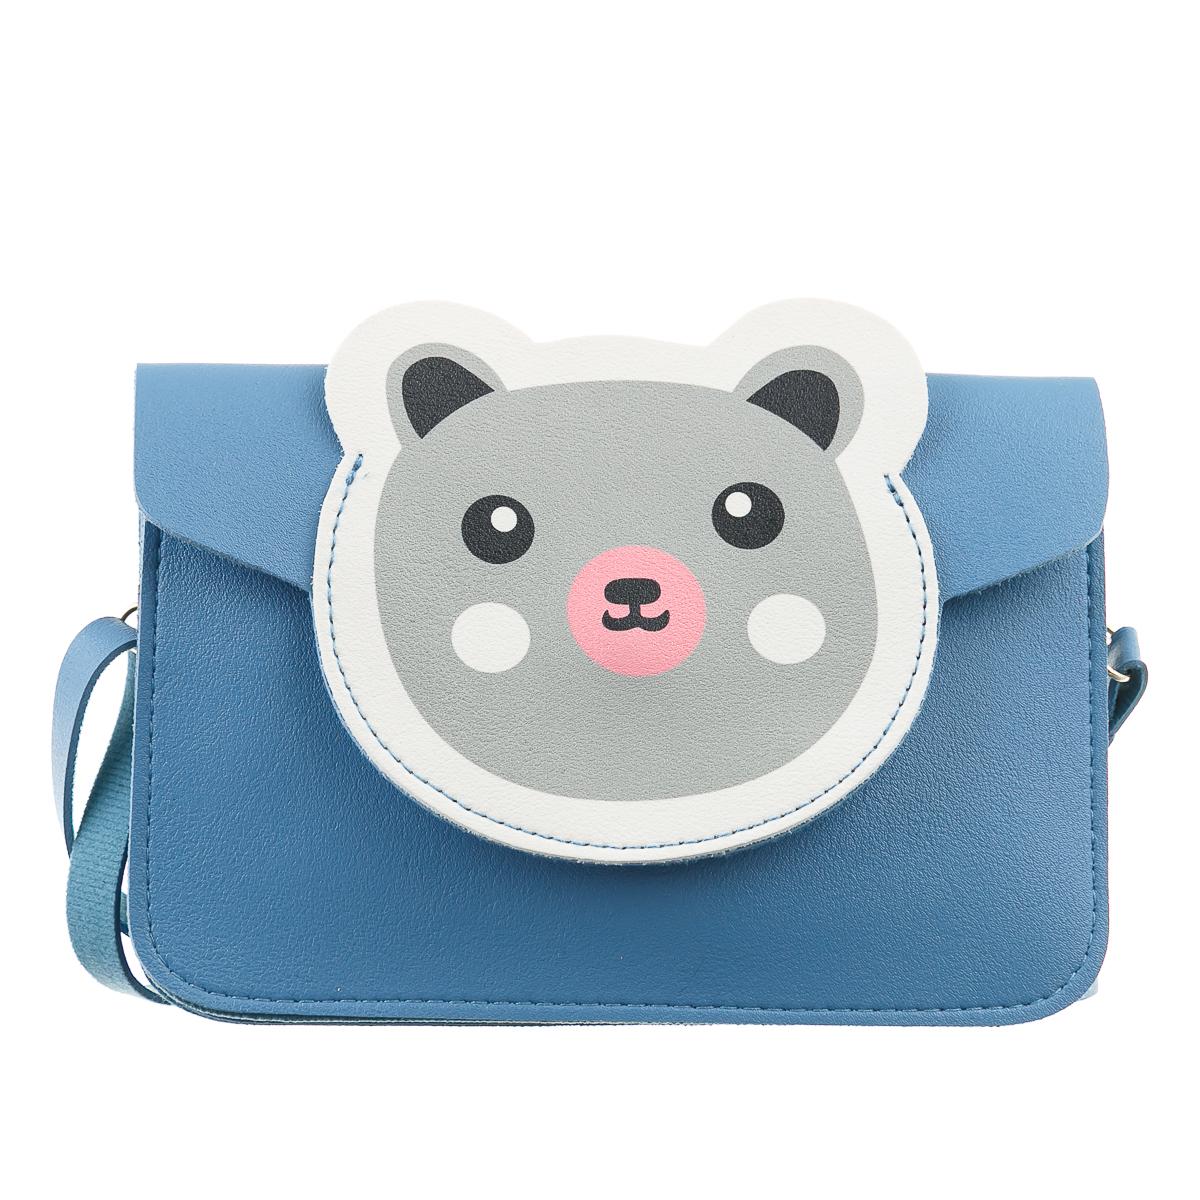 Сумка для телефона синяя горизонтальная серый медведь